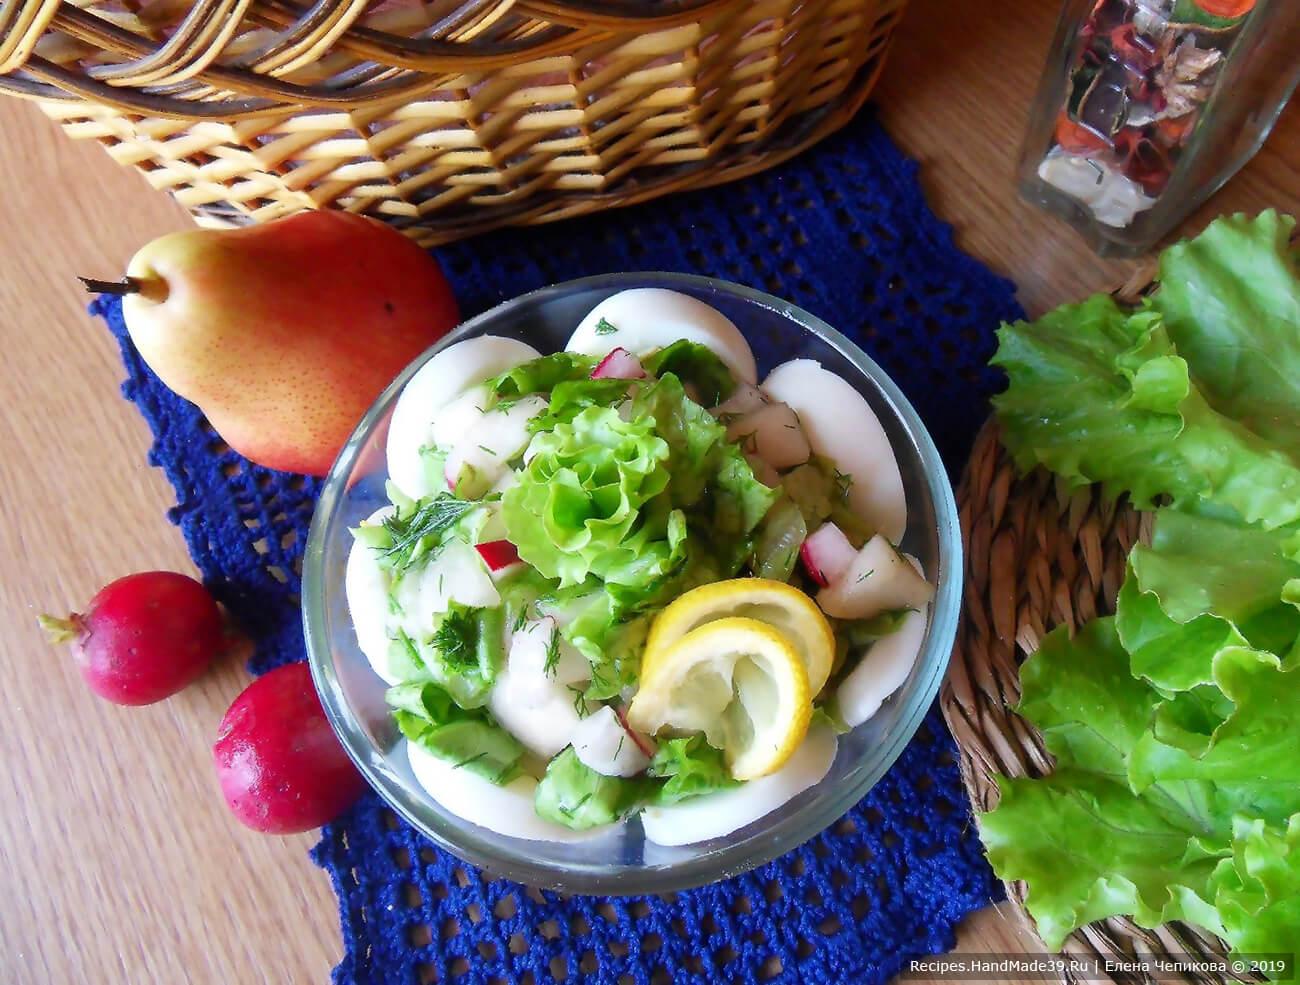 Соединить все компоненты салата. Залить заправкой. Выложить в салатник. Приятного аппетита!